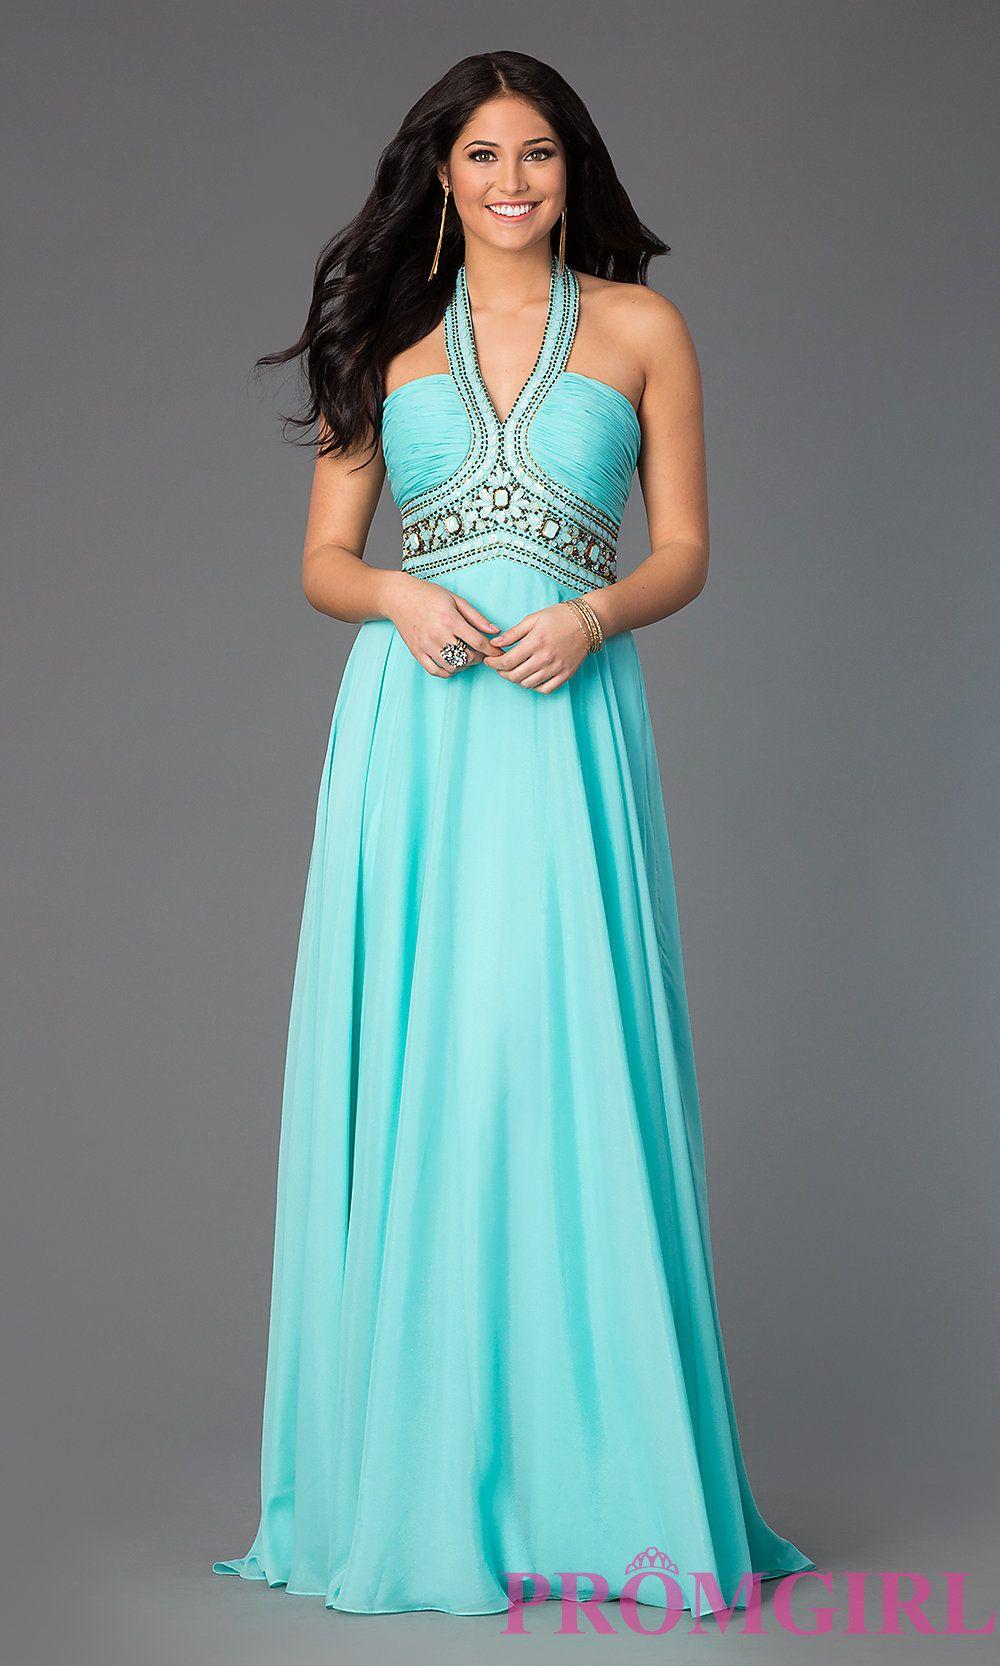 Pretty Prom Dress Shops In Derby Gallery - Wedding Ideas - memiocall.com